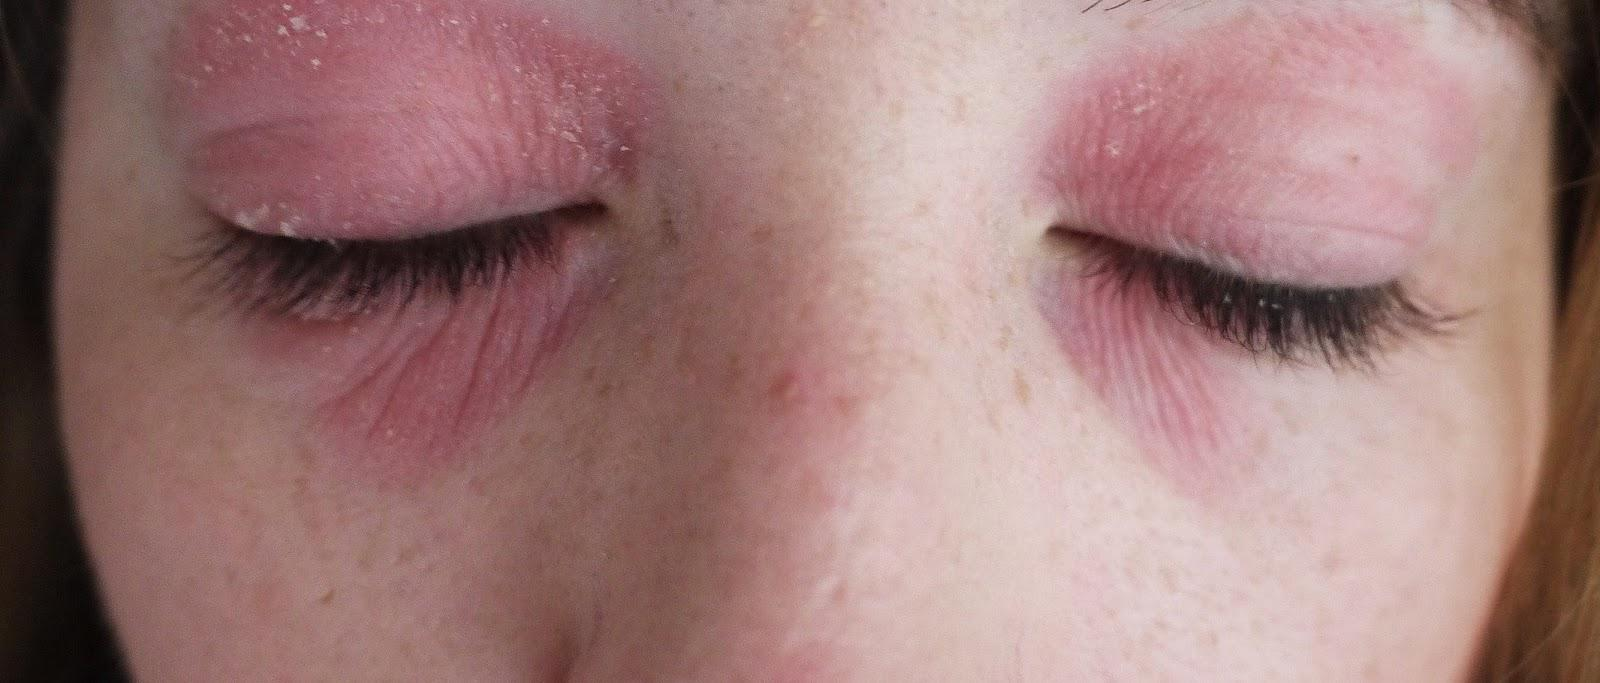 Аллергия на глазах: причины, симптомы и лечение